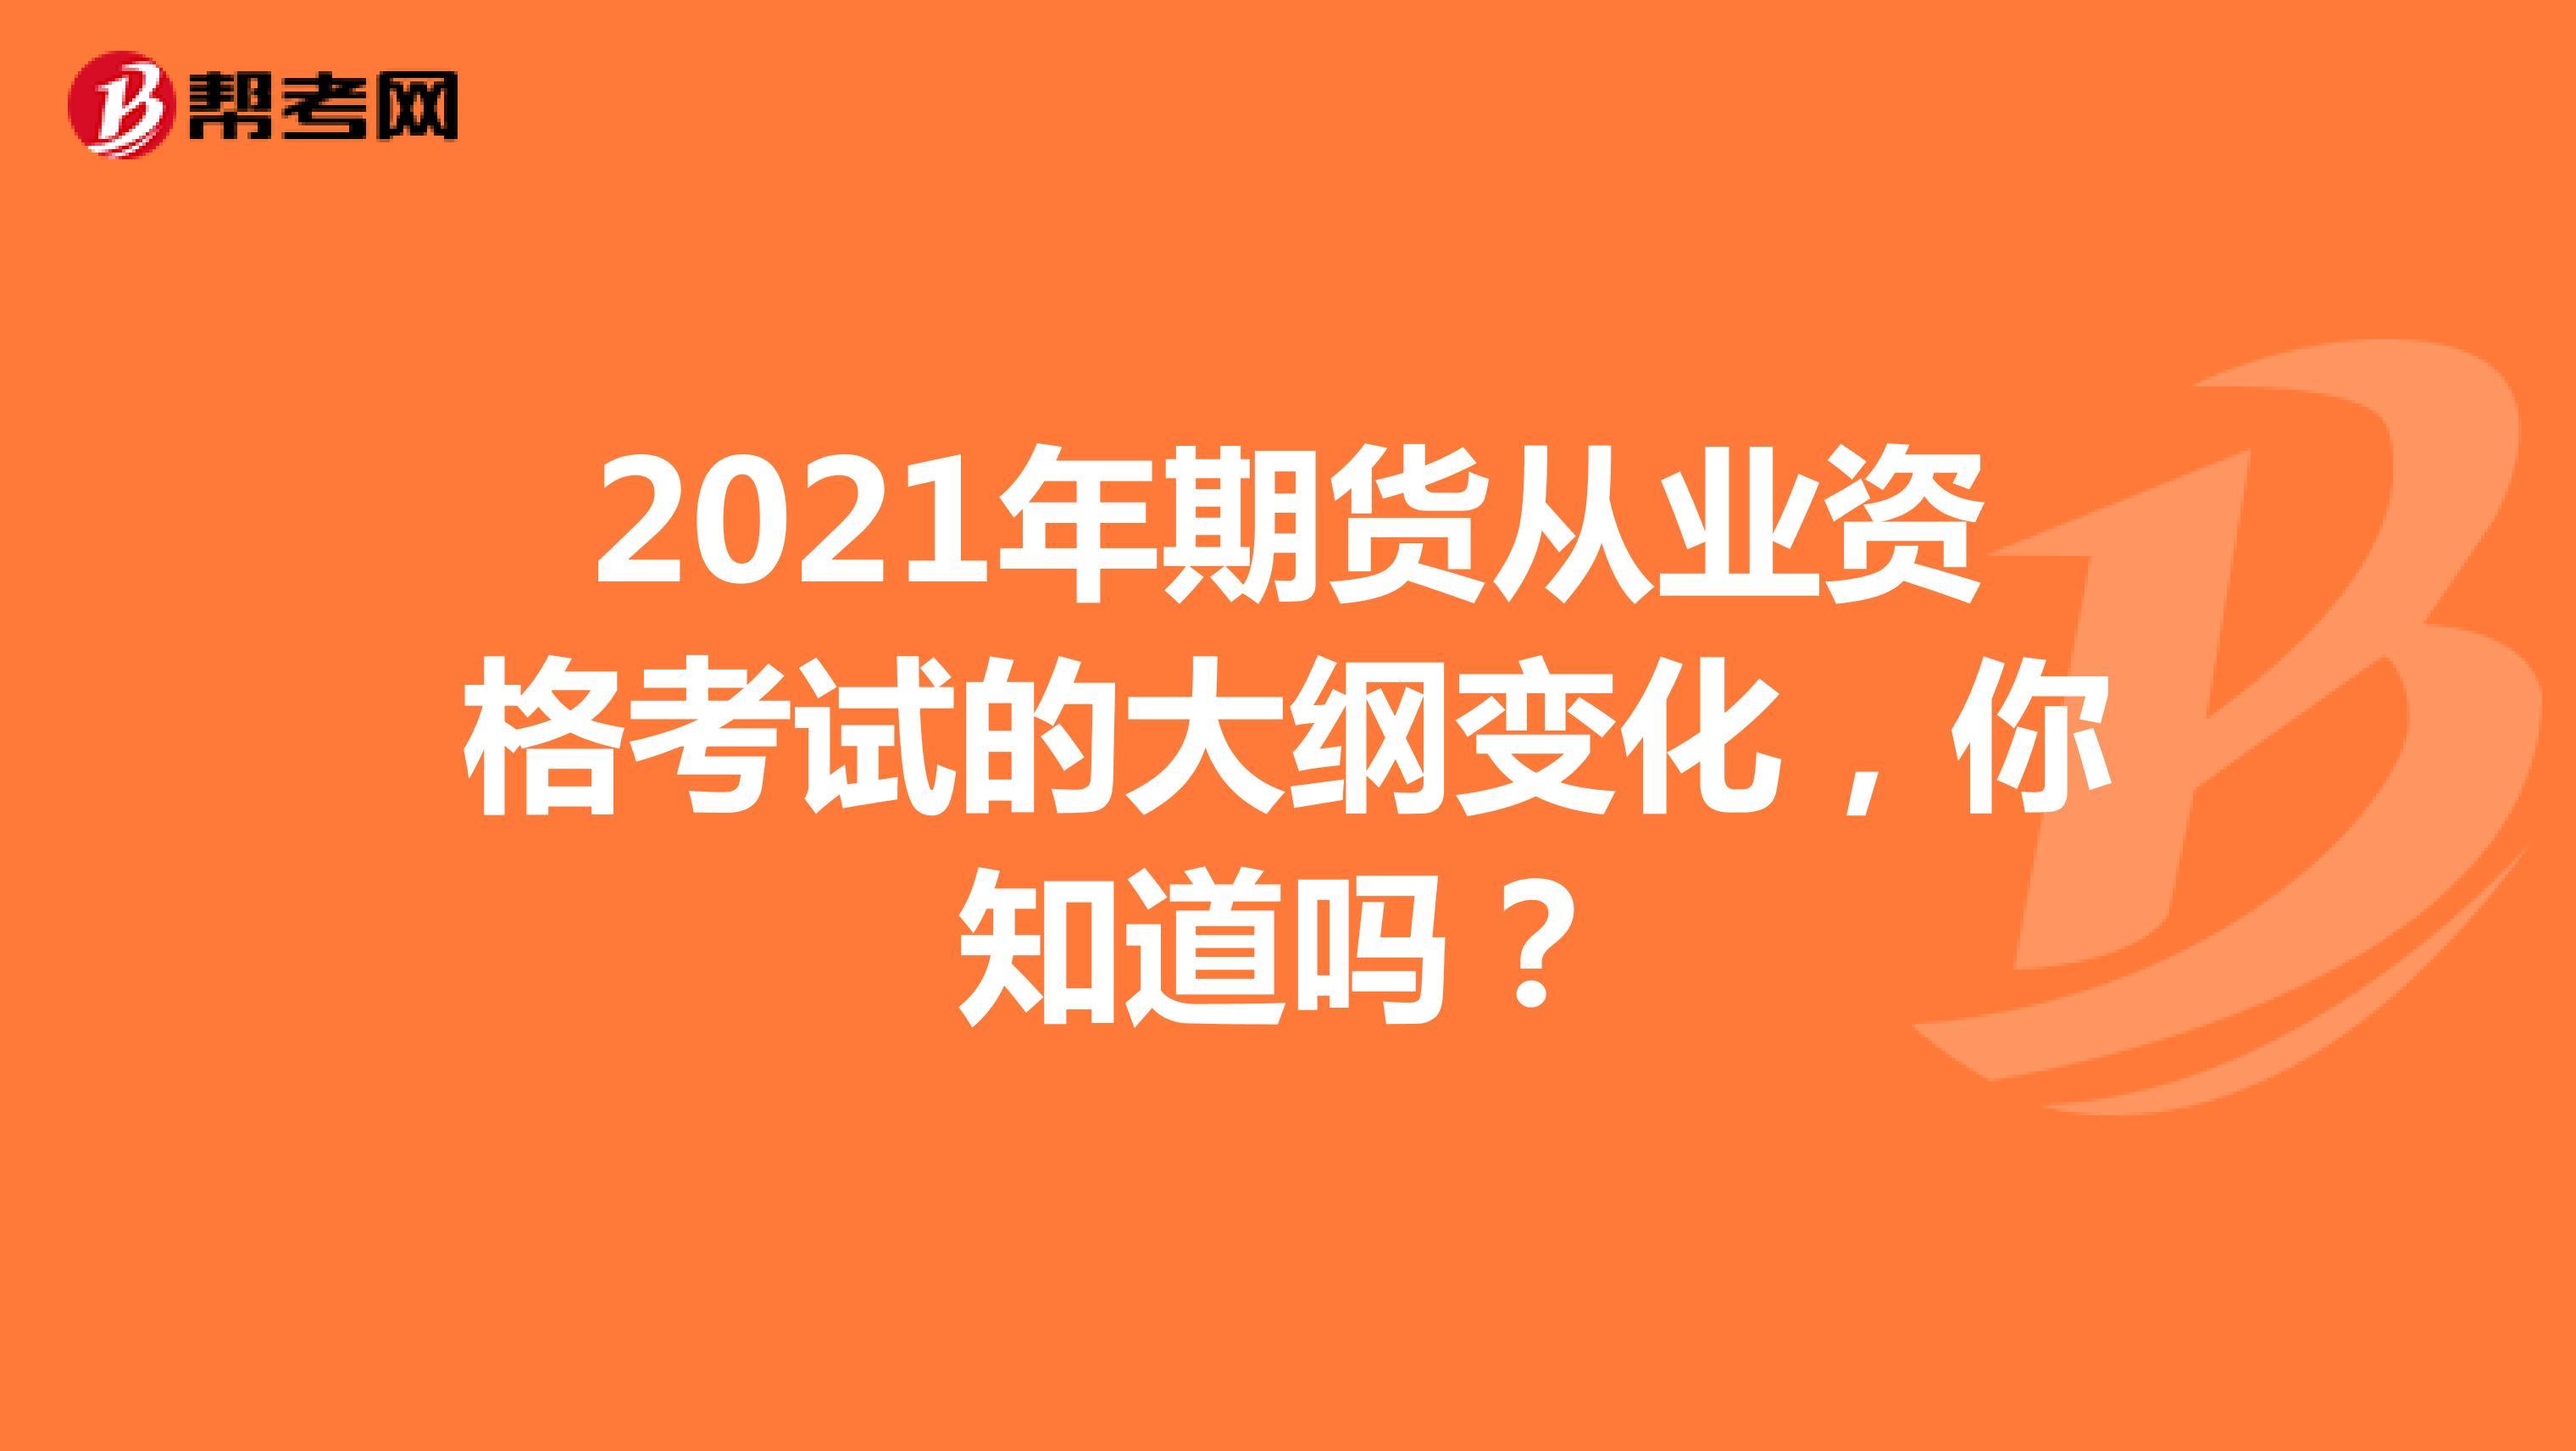 2021年期货从业资格考试的大纲变化,你知道吗?